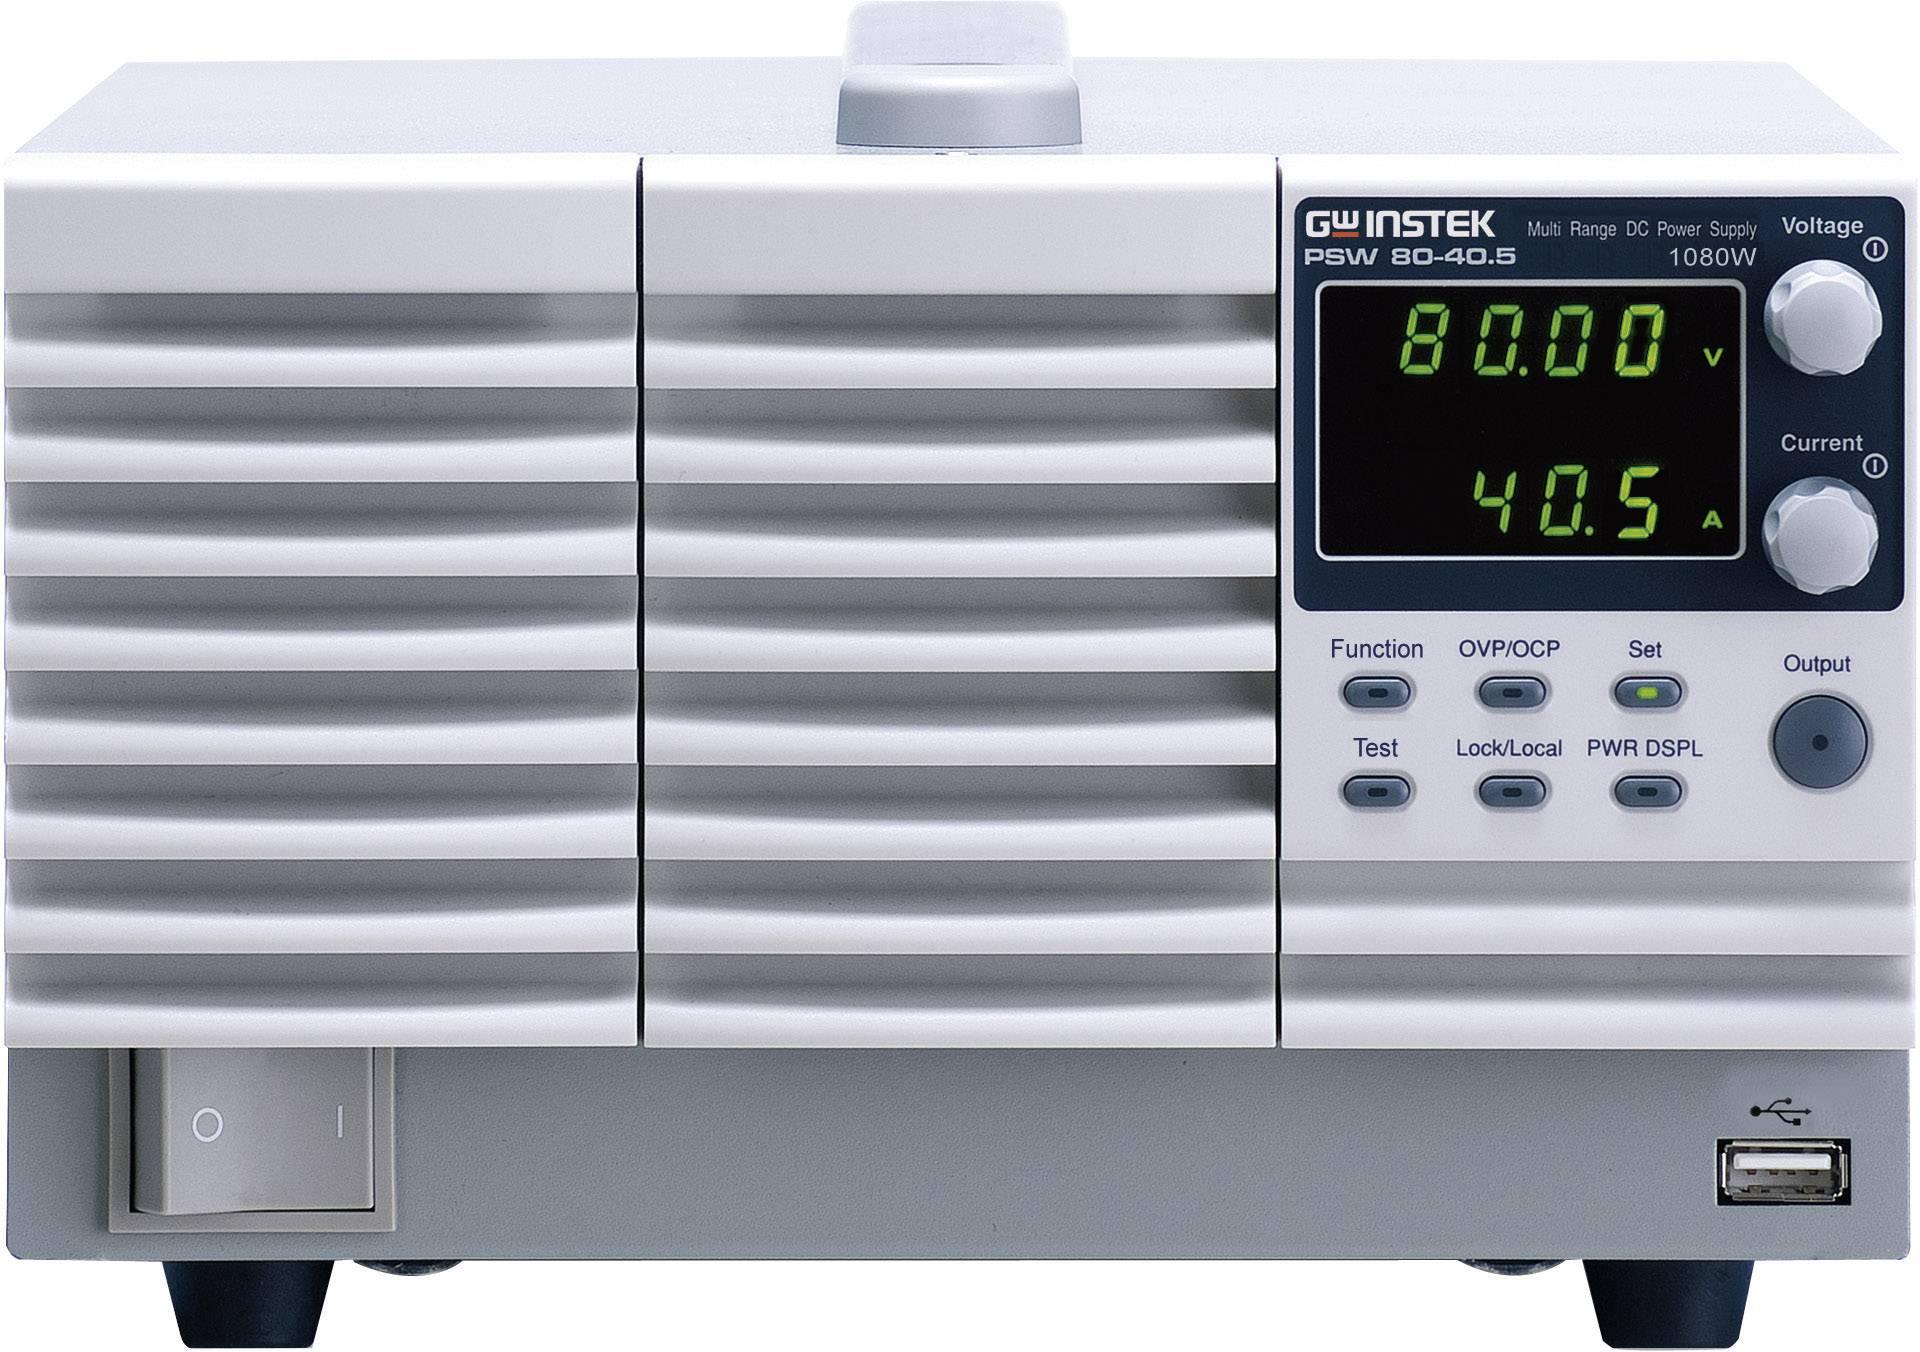 Laboratorní síťový zdroj GW Instek PSW80-40.5, 0 - 80 V/DC, 0 - 40 A, 1080 W